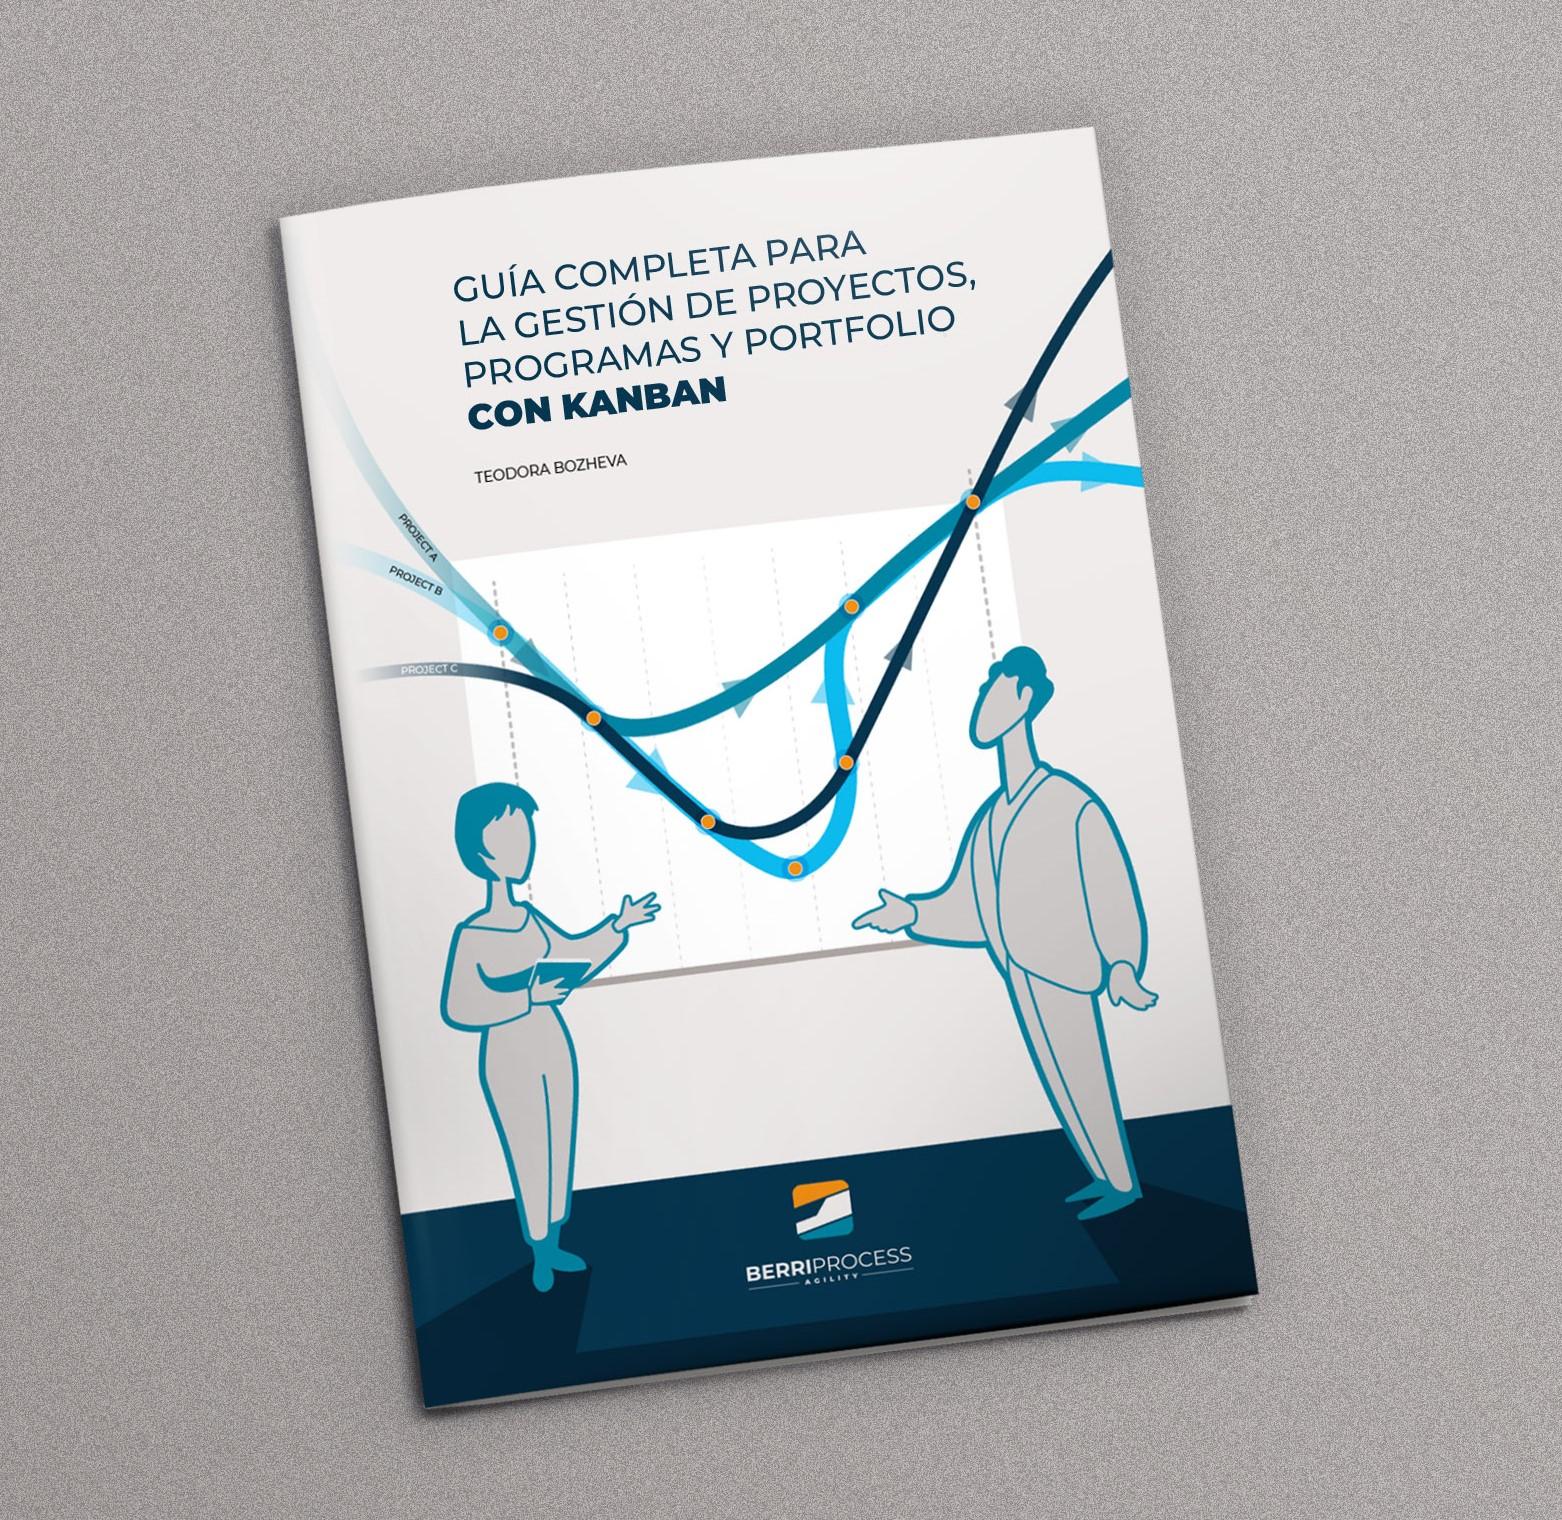 Guía KPPM Gestión de proyectos, programas y portfolio con Kanban